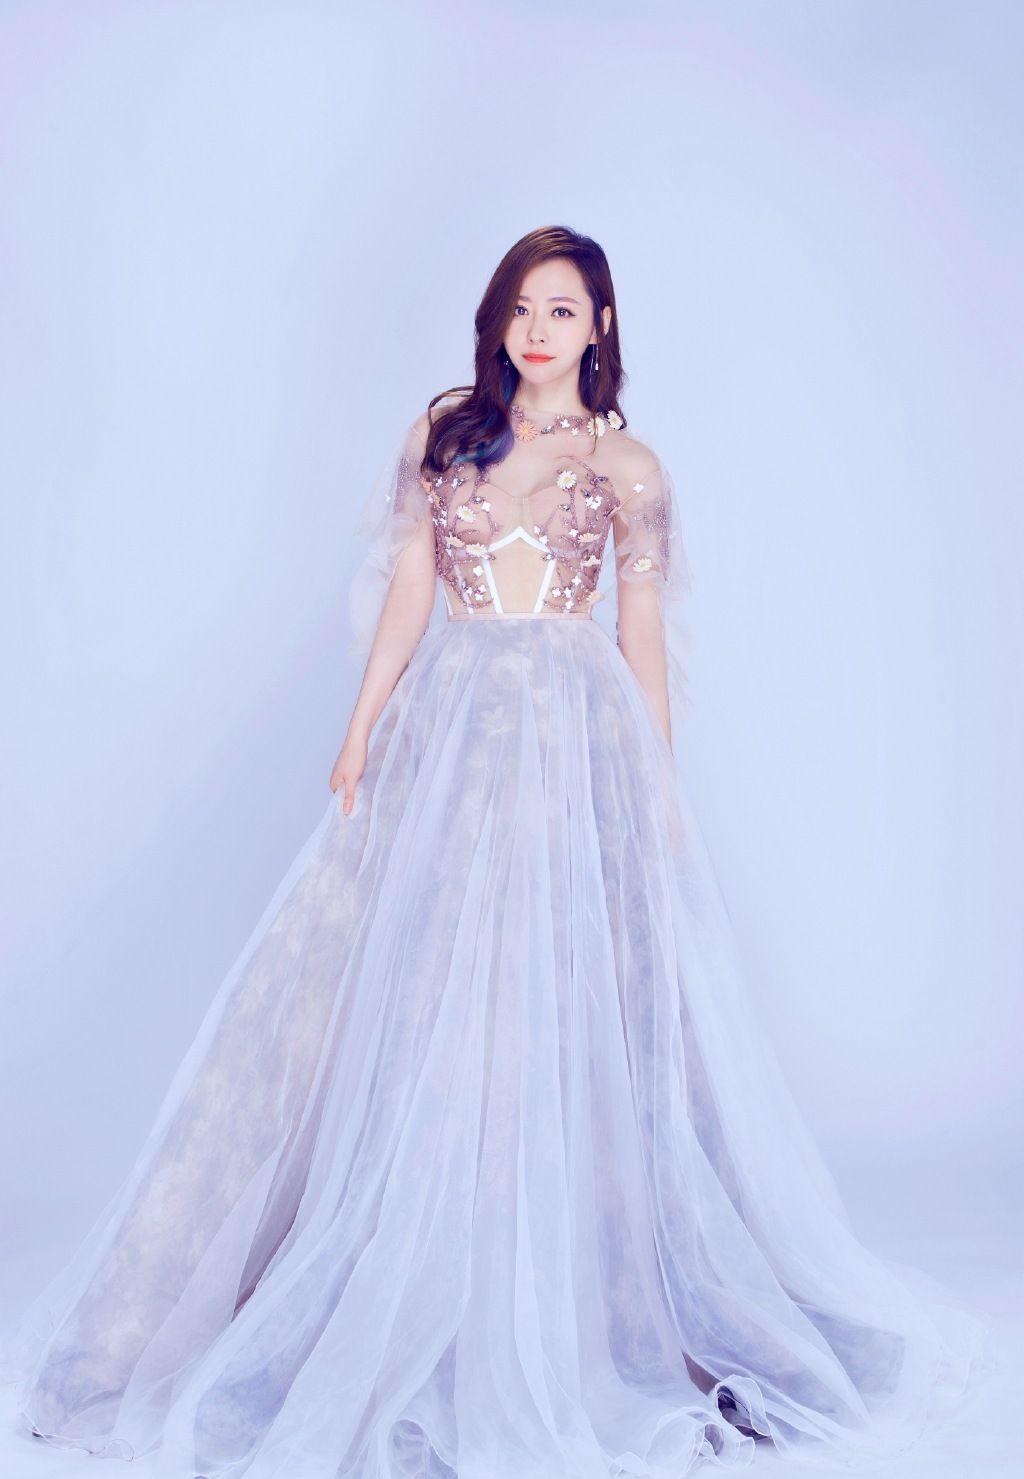 外表靓丽的张靓颖,甜美的笑容,有着中国女性的温顺与柔情!